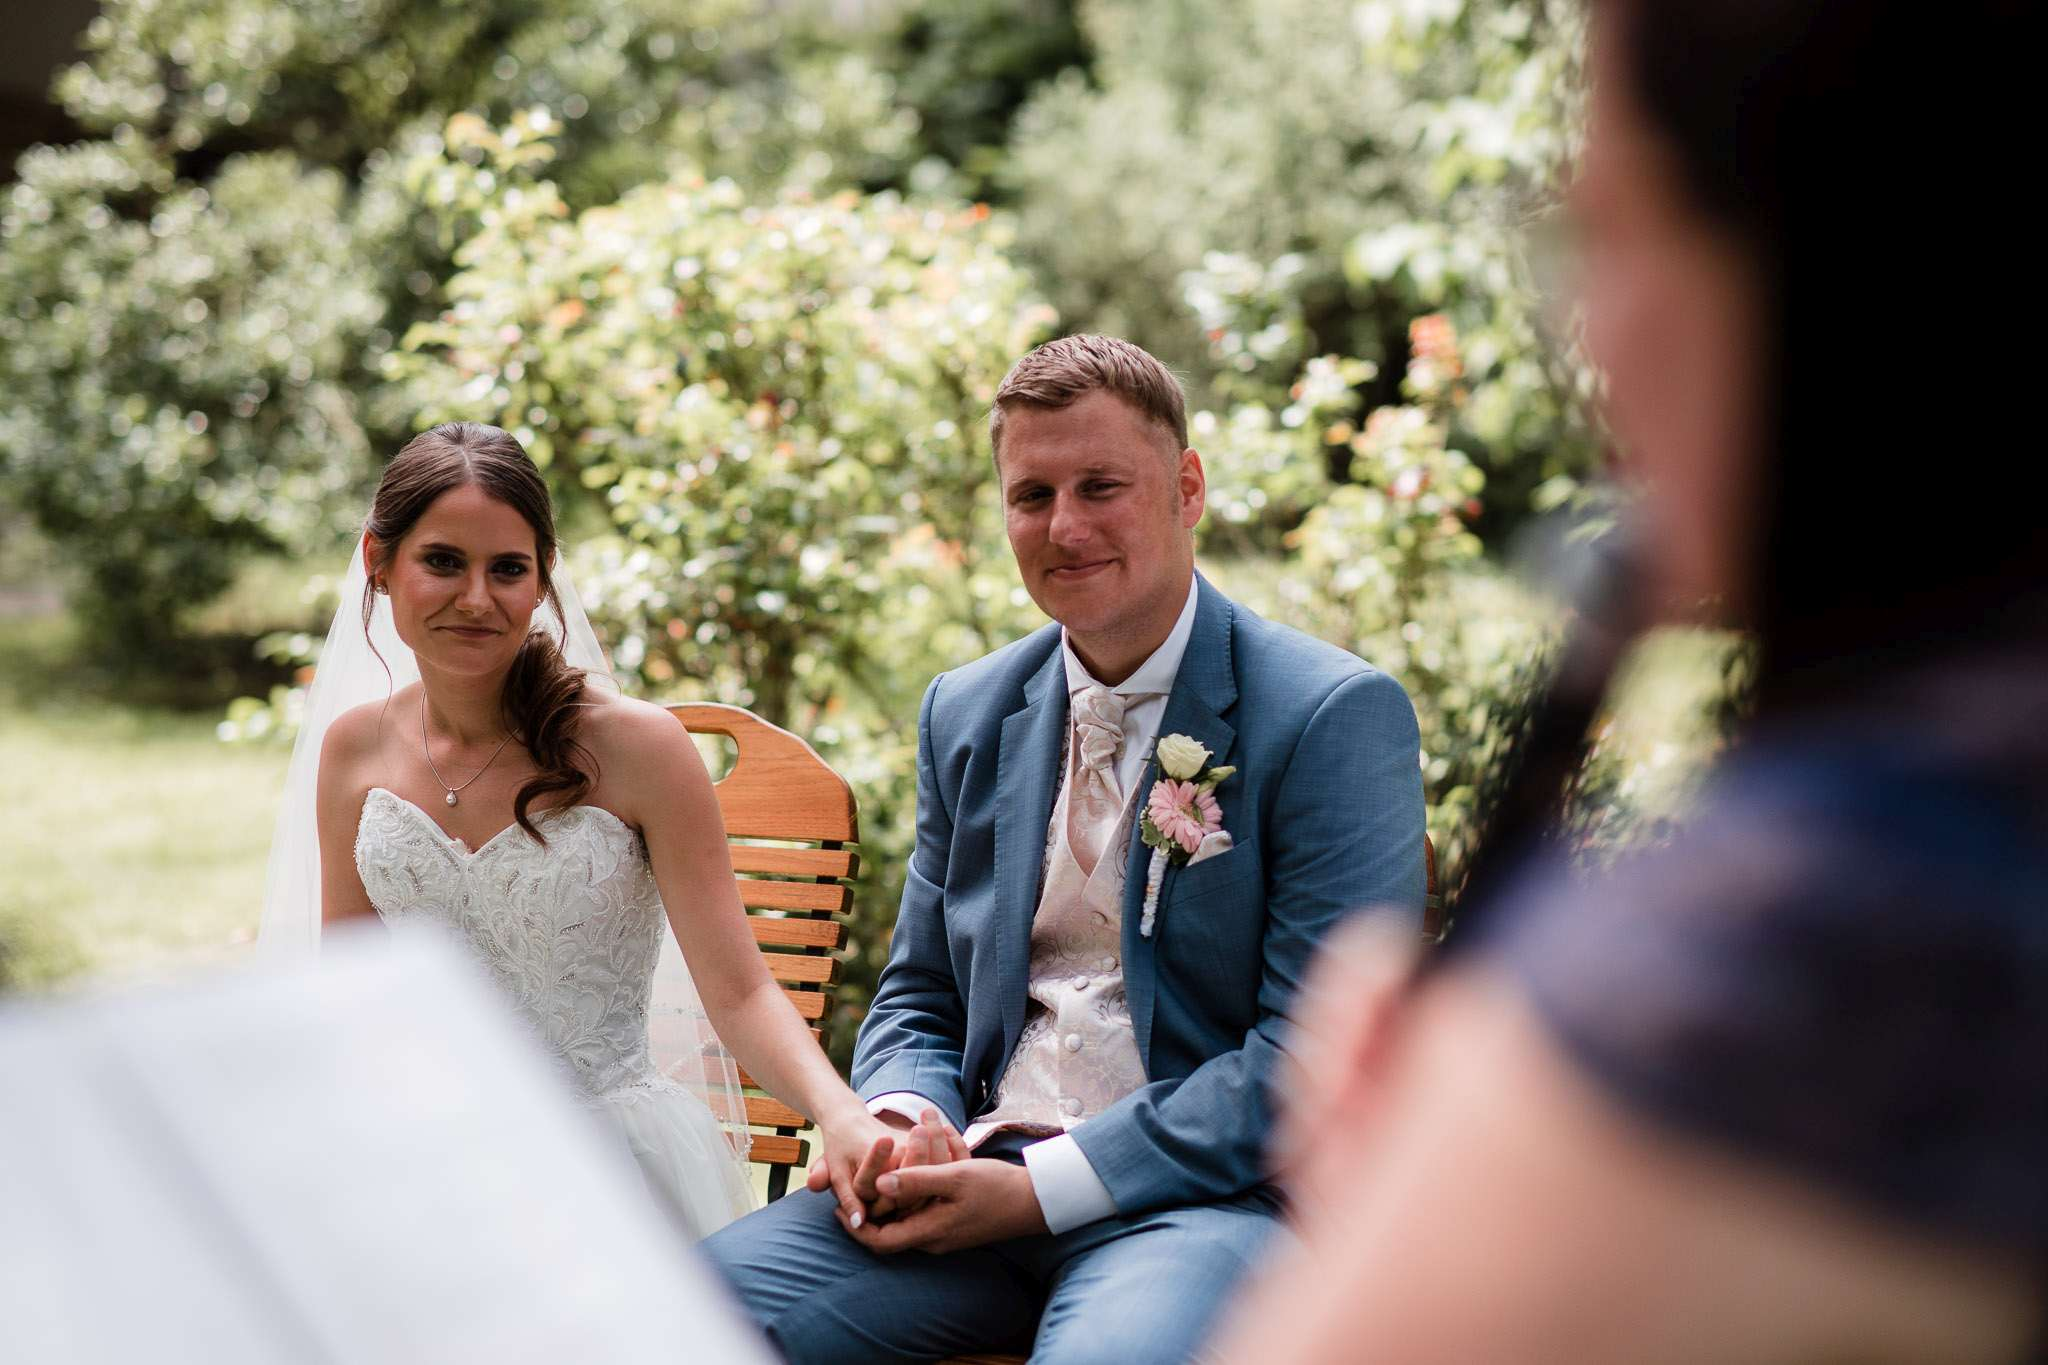 Hochzeitsfotograf Undenheim: Das Brautpaar lauscht gespannt der Traurednerin